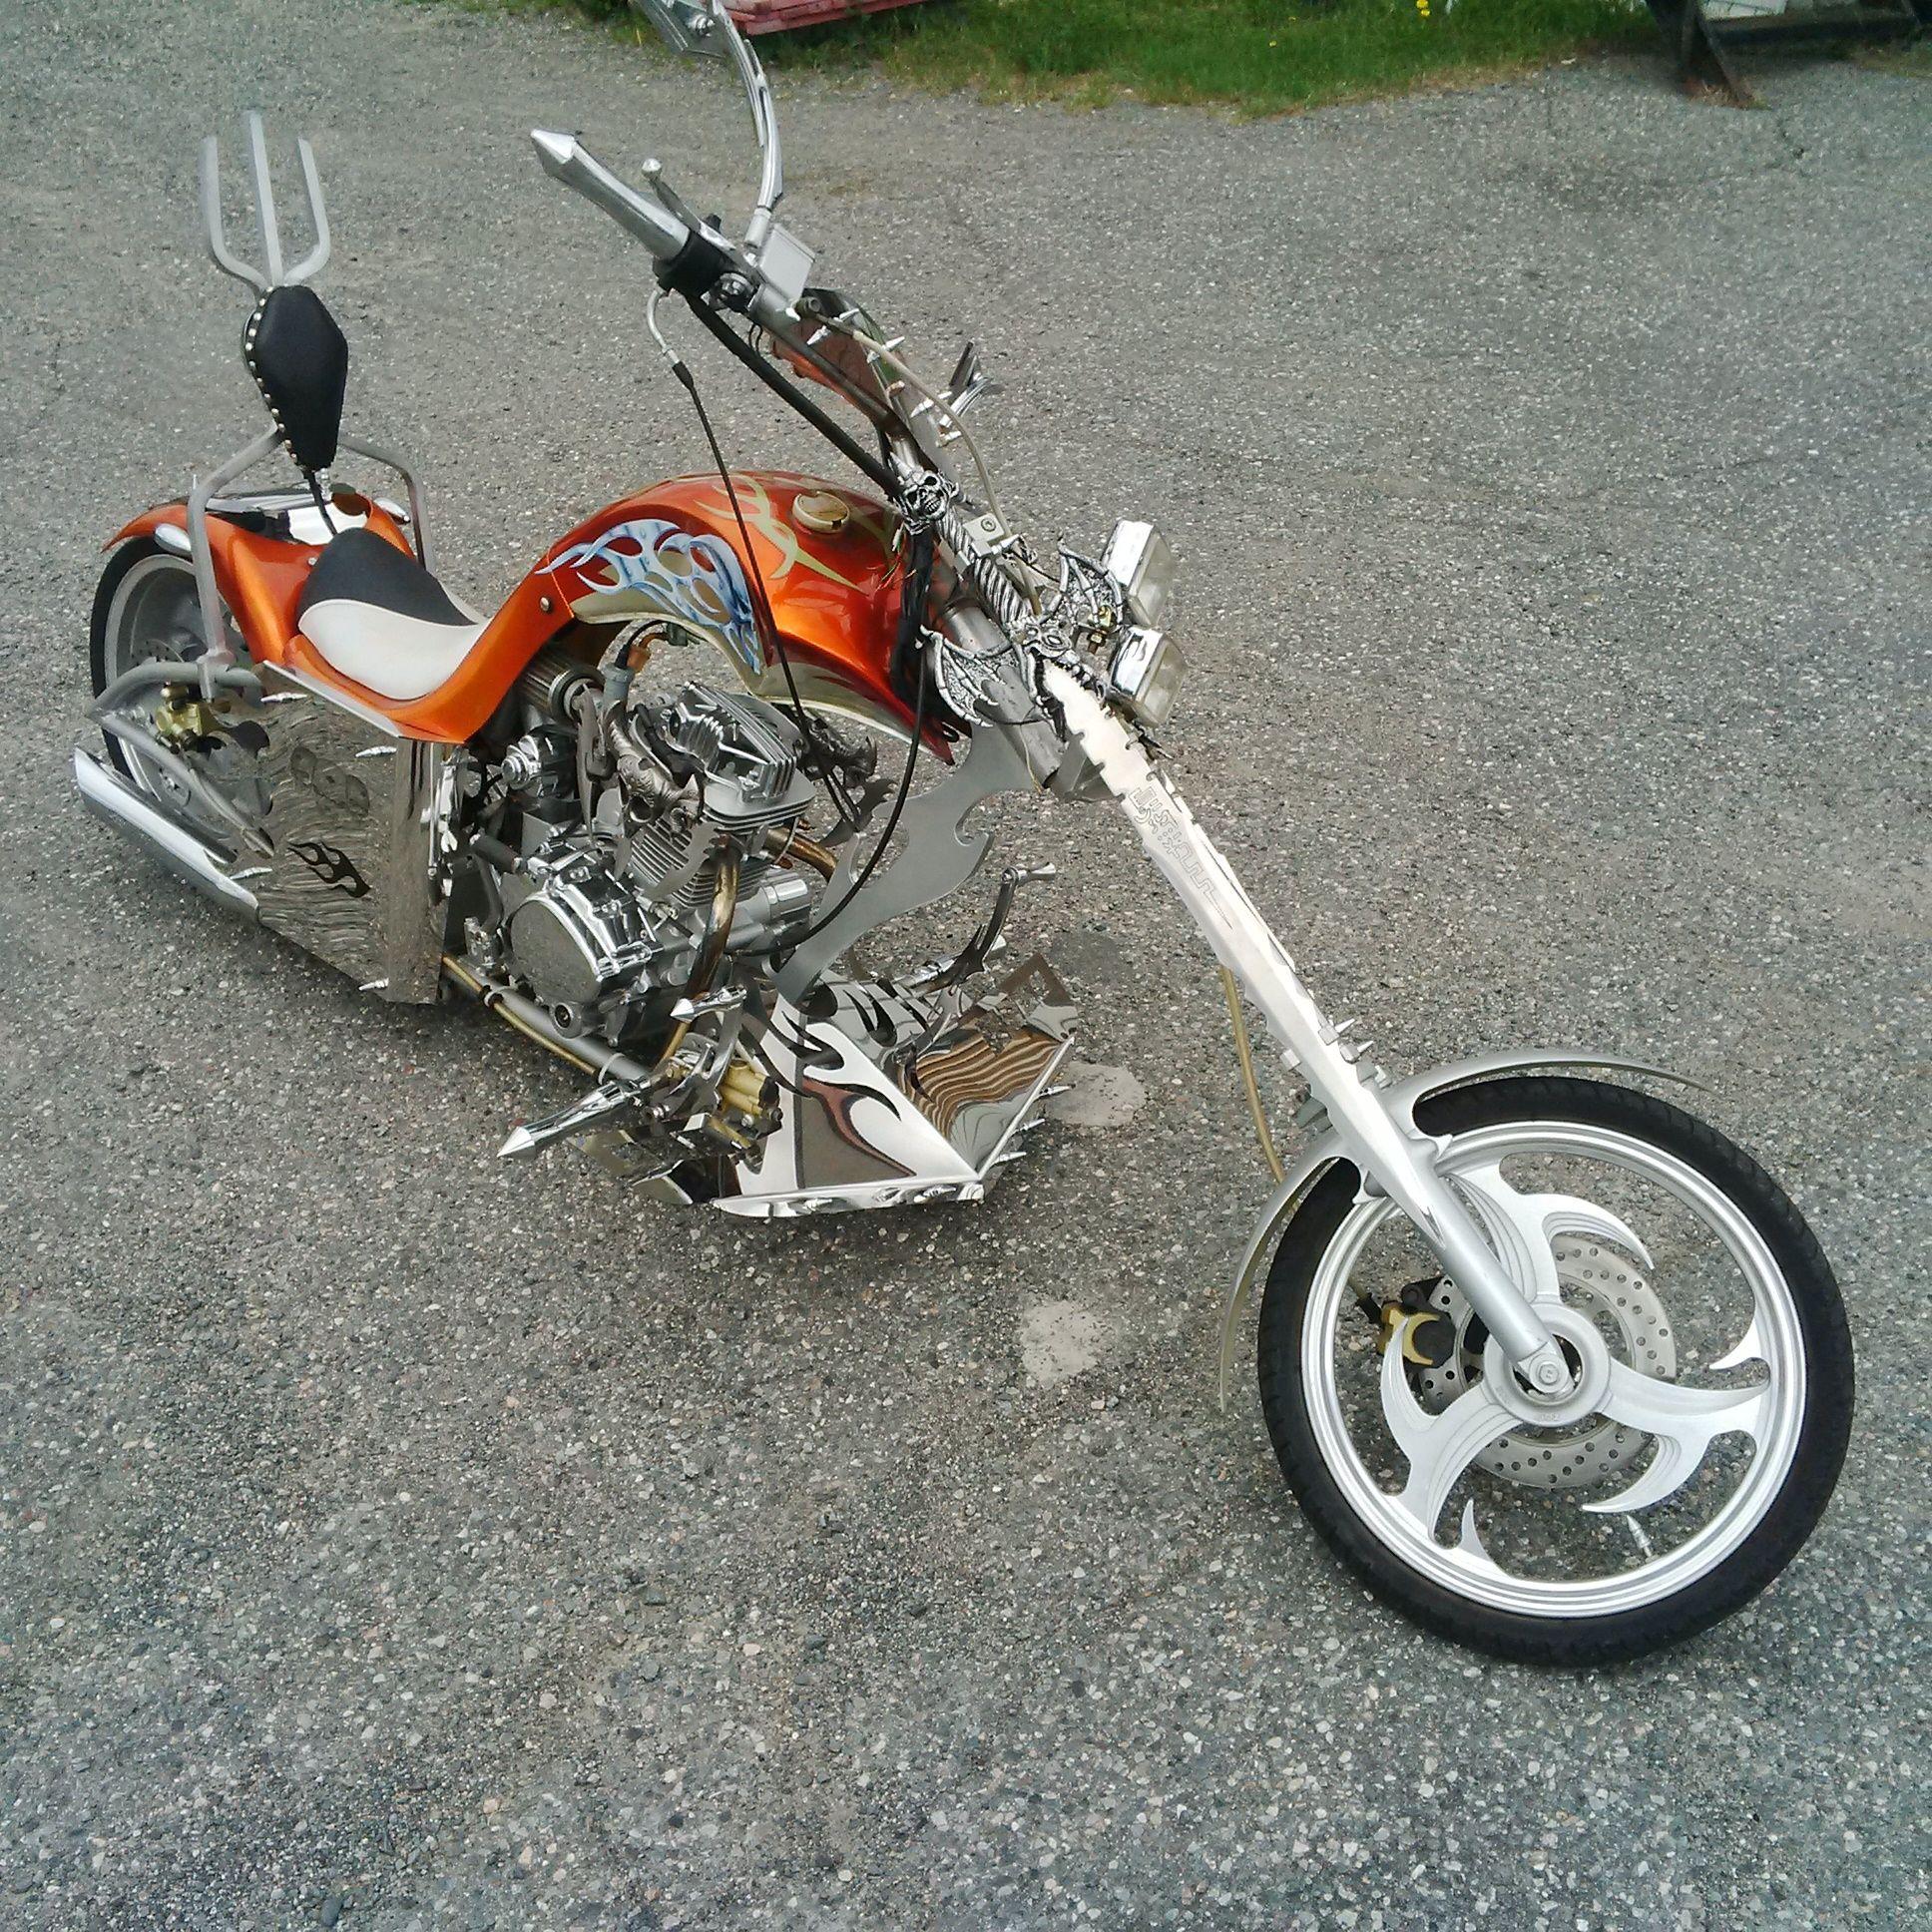 3/4 mini chopper motorcycle | 200 cc mini chopper.The ...